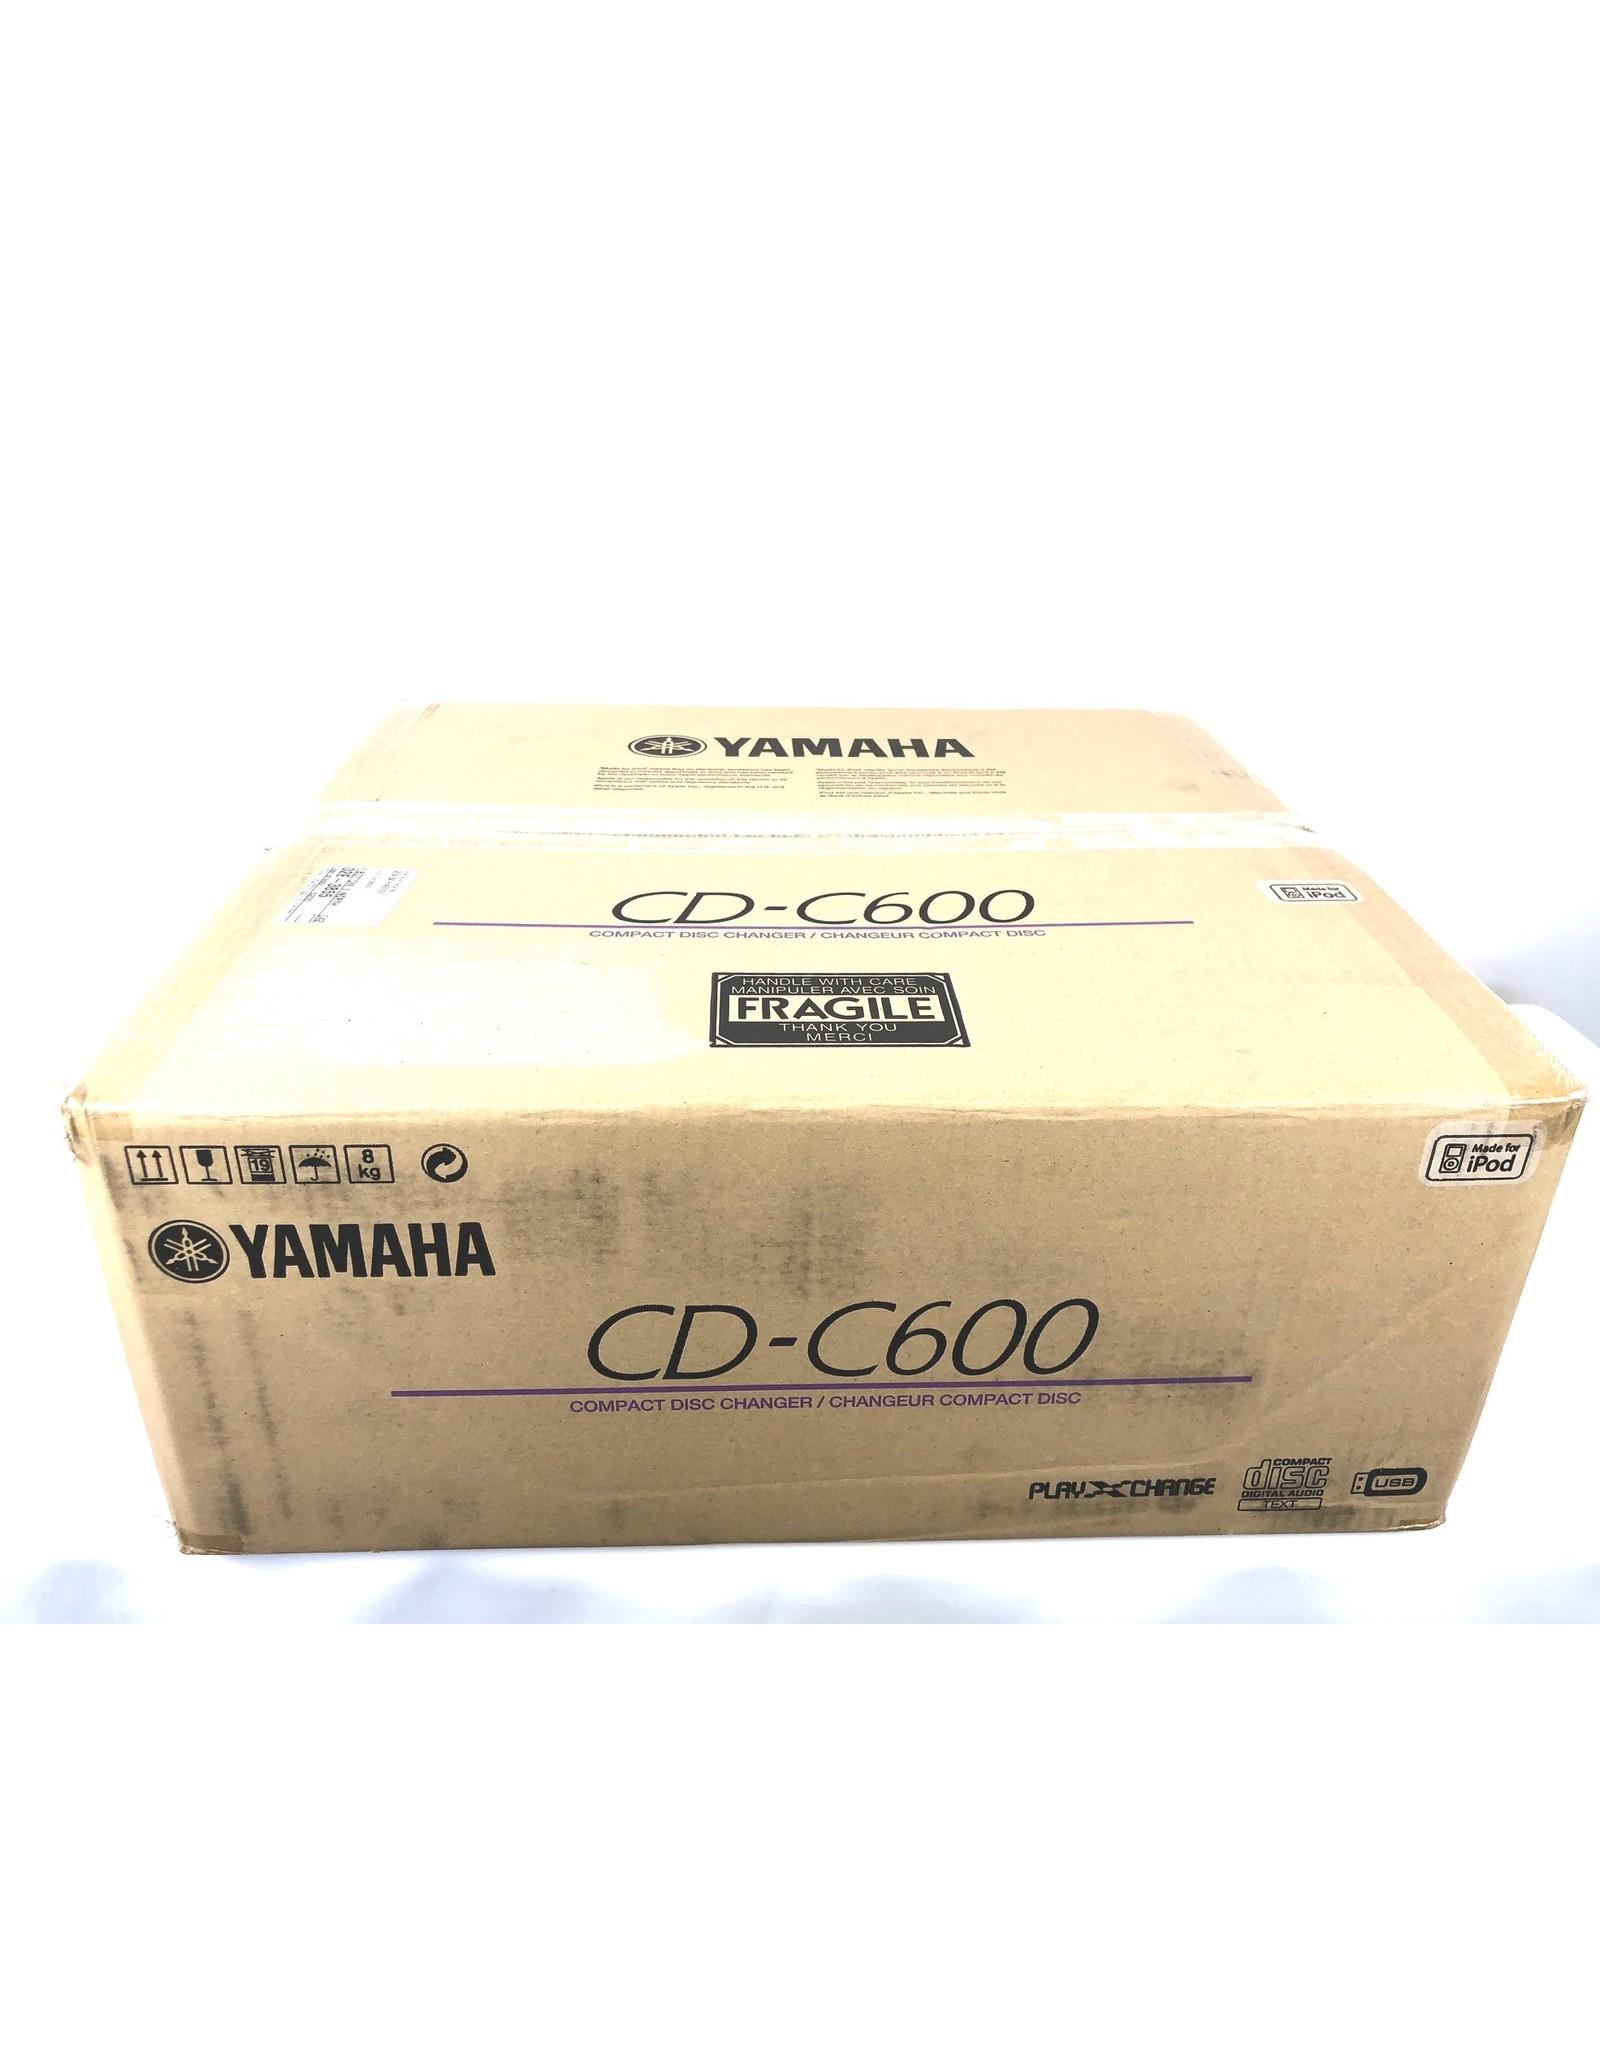 Yamaha Yamaha CD-C600 5-Disc CD Changer USED